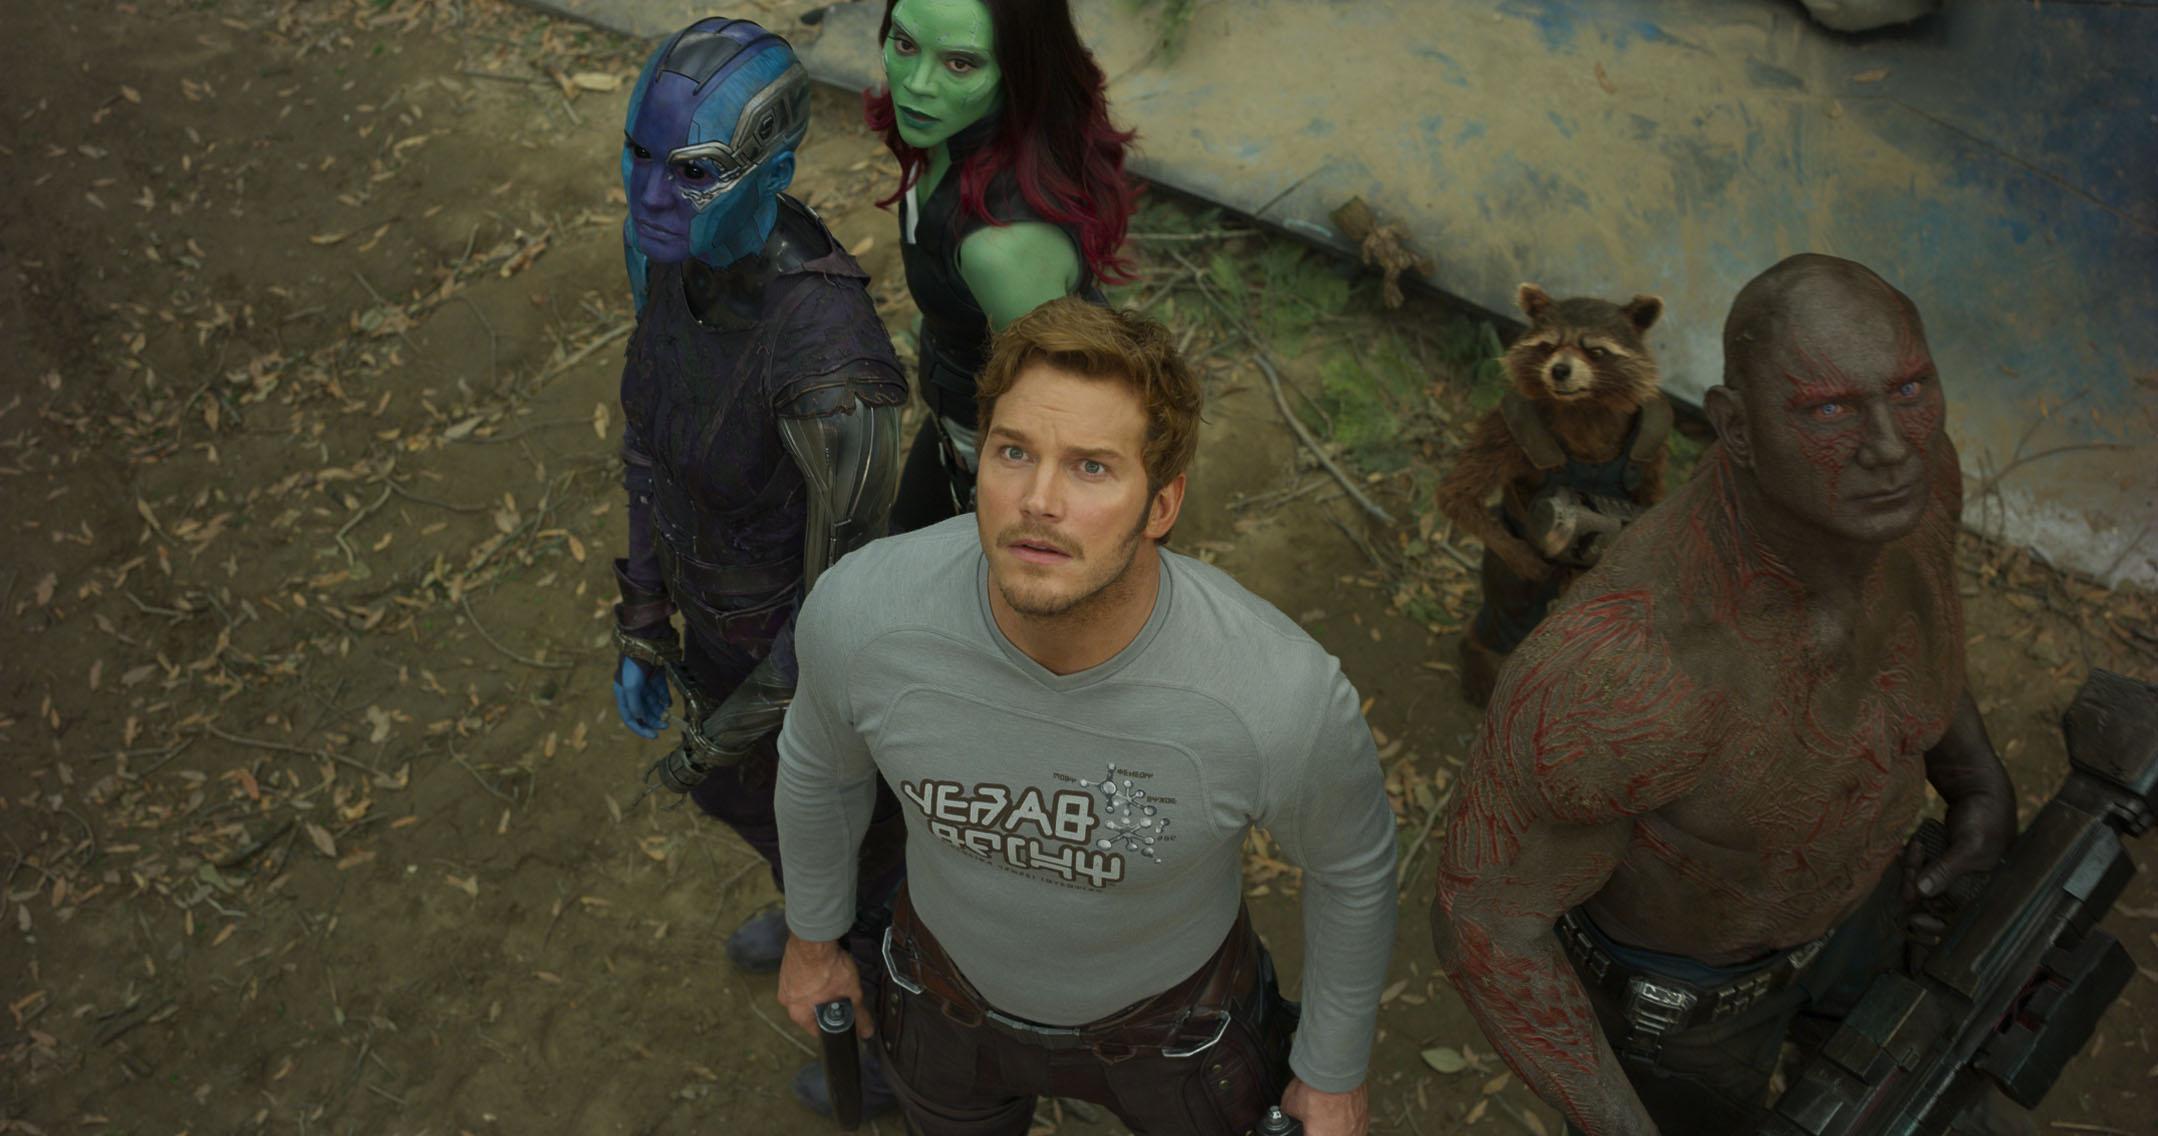 Guardians of the Galaxy Vol. 2 - Bộ phim hài hước nhất Vũ trụ điện ảnh Marvel - Ảnh 2.